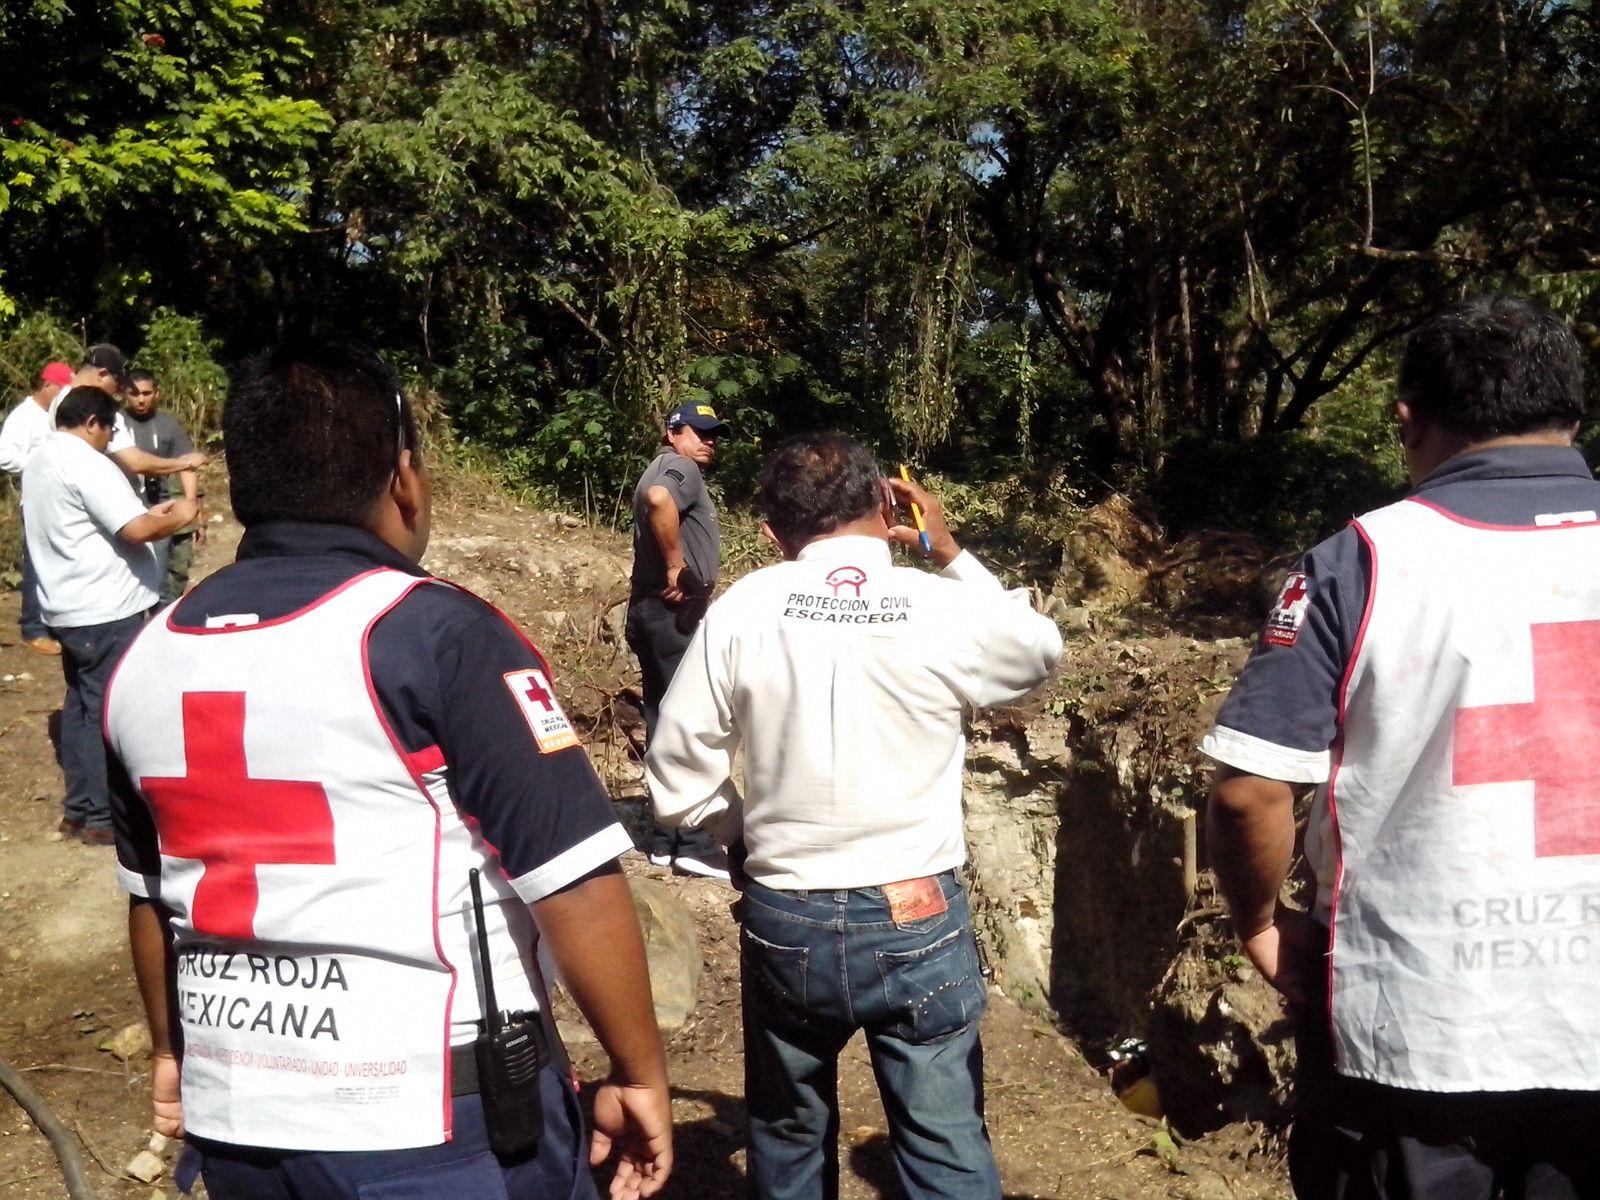 Incinera PGR material pirotécnico en Campeche. Comunicado 152/16